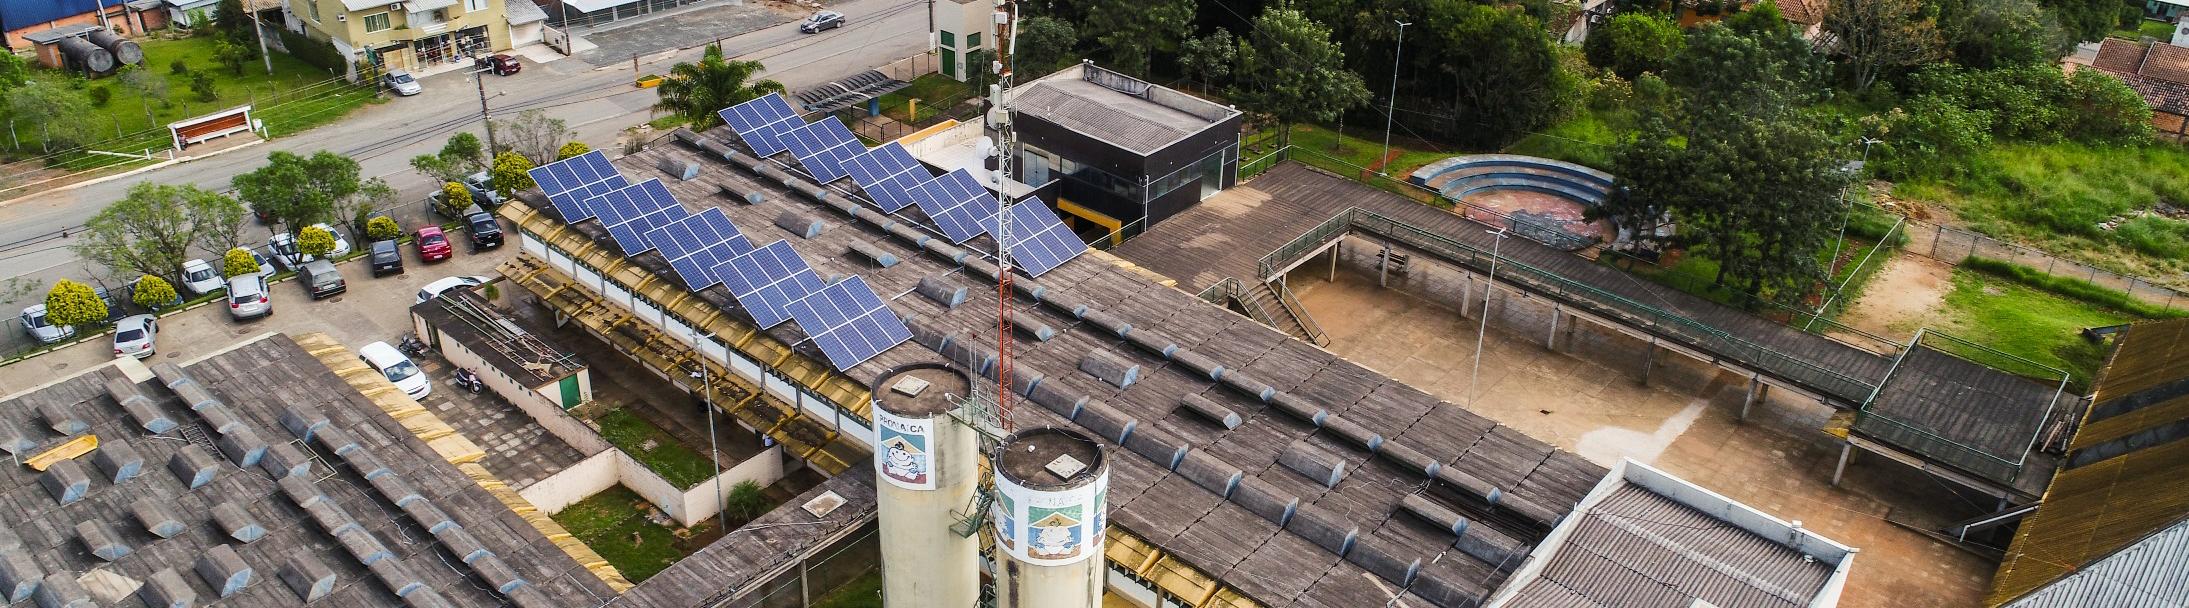 Energia solar na prefeitura de Curitiba